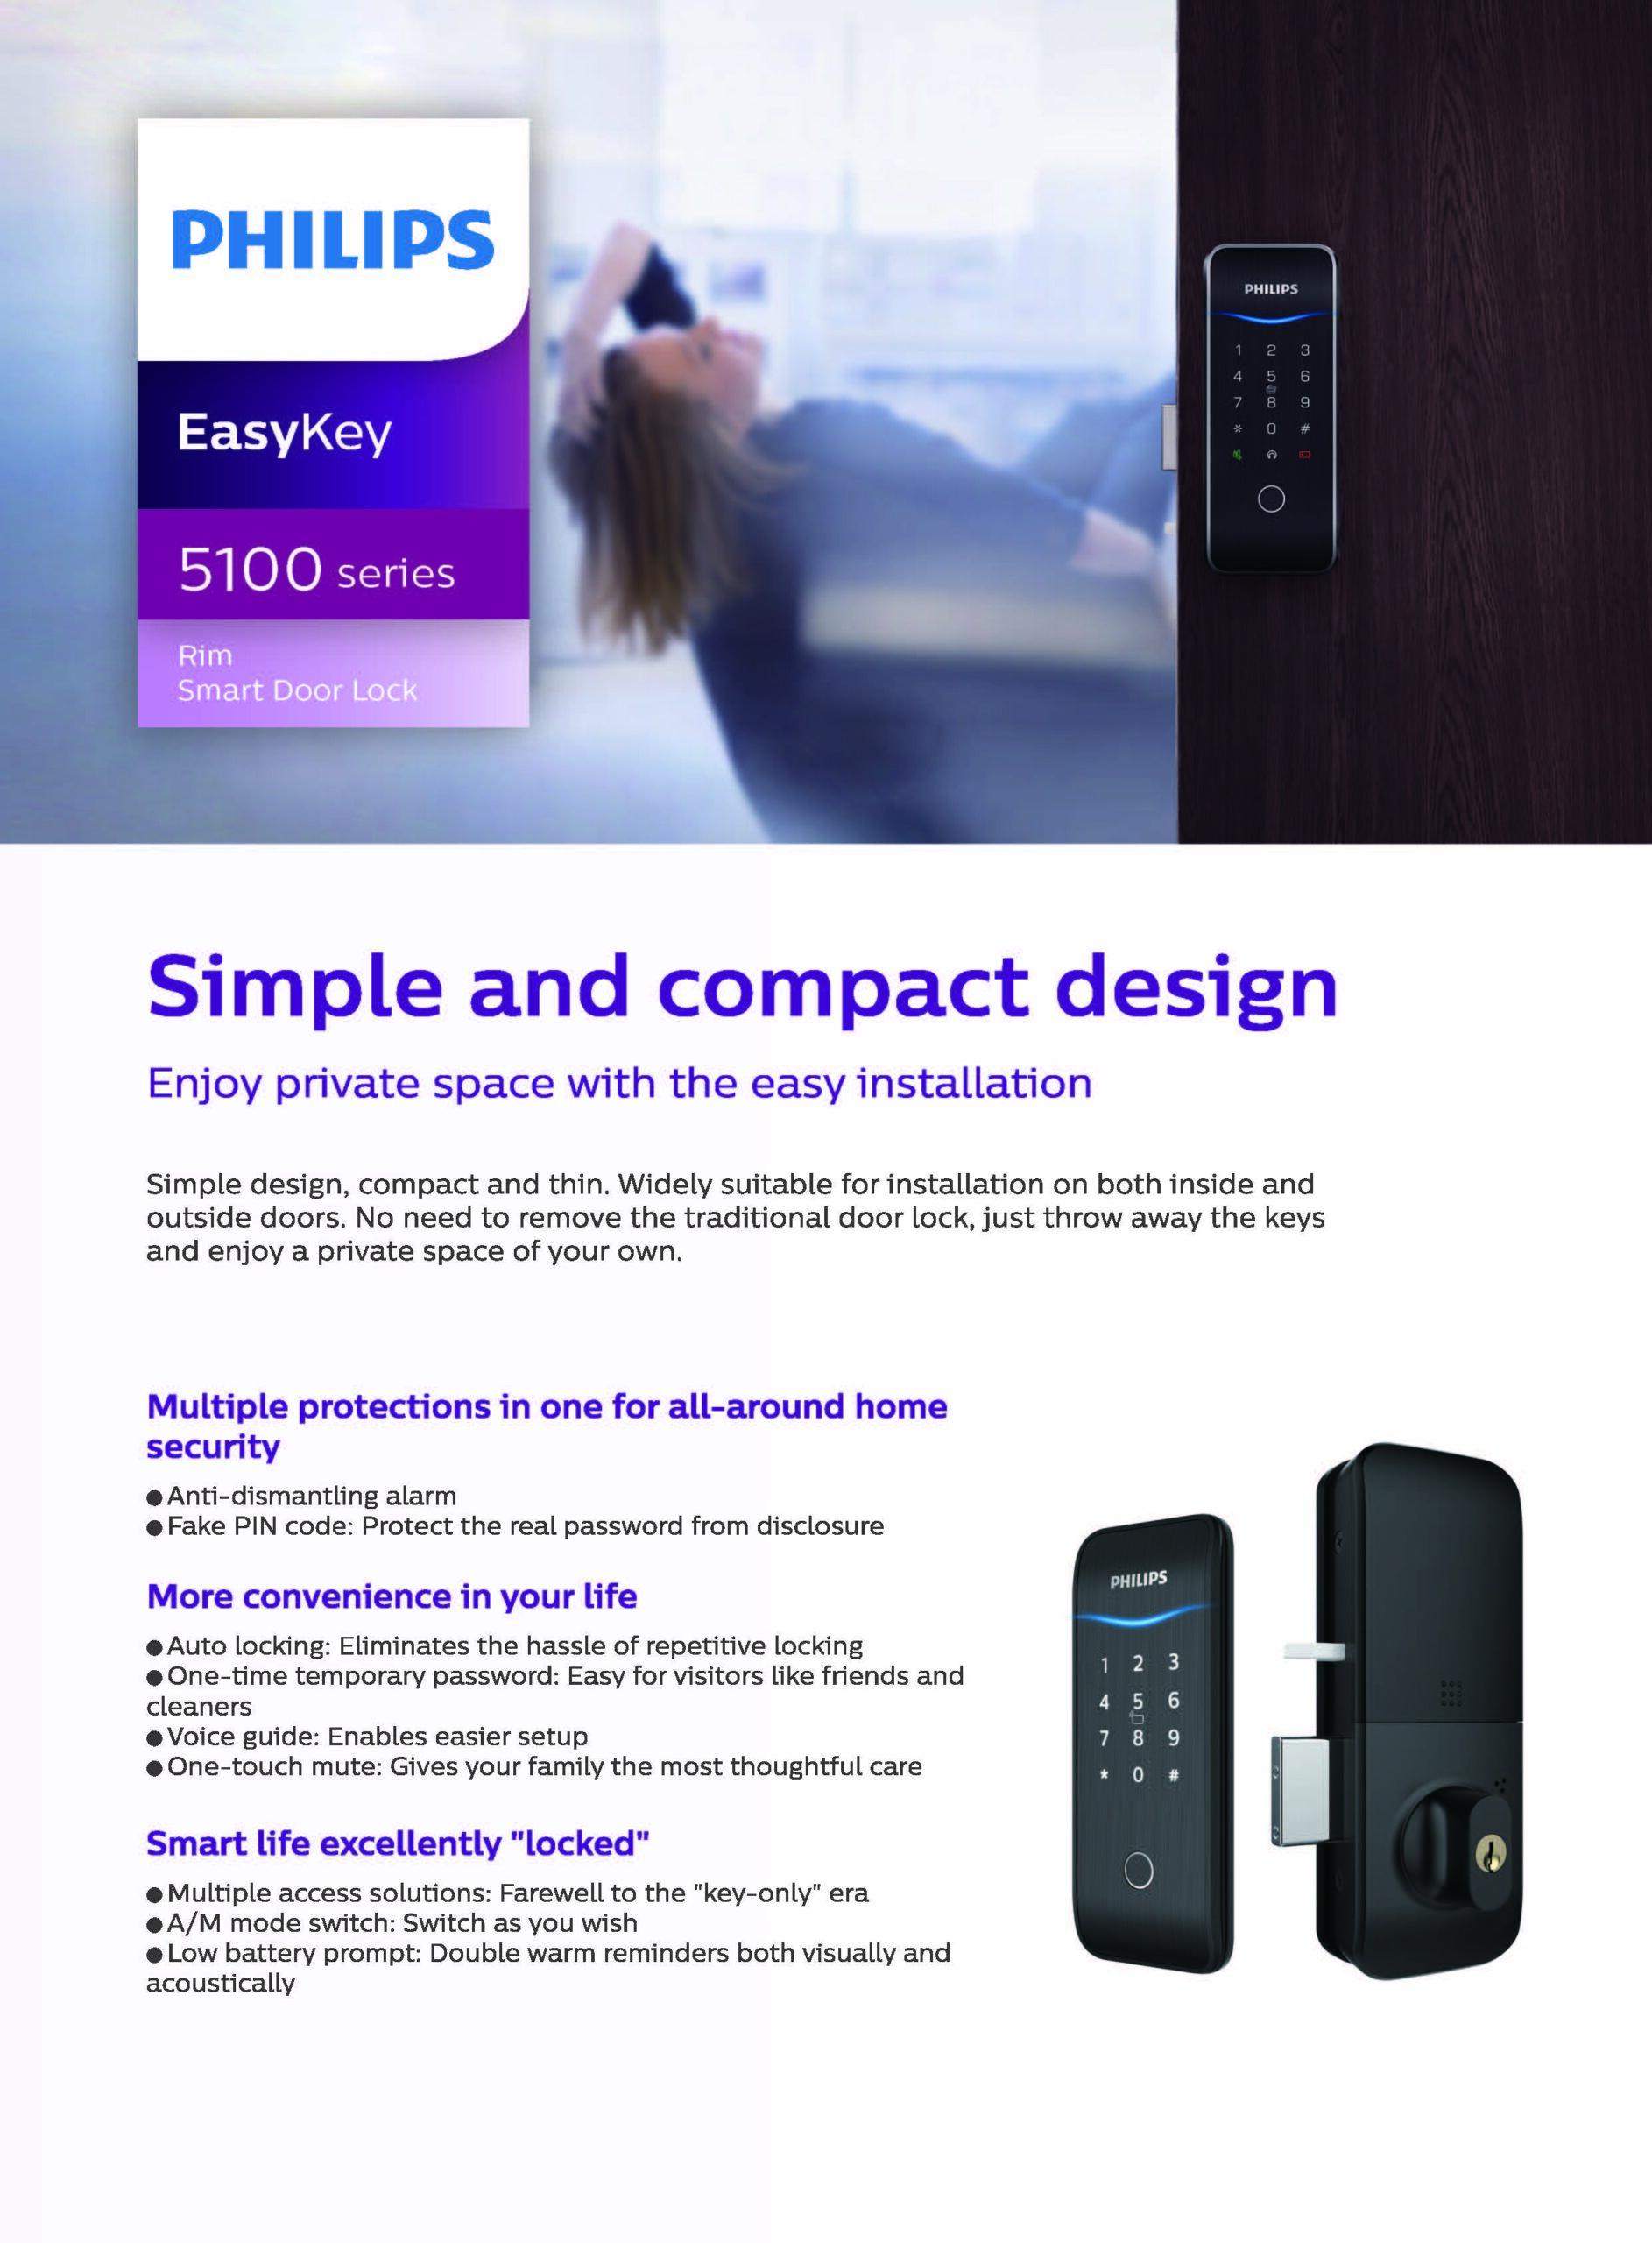 กลอนดิจิอล Philips Easy Key 515K Gatelock ชุดล็อคดิจิตอลสำหรับประตูรั้ว